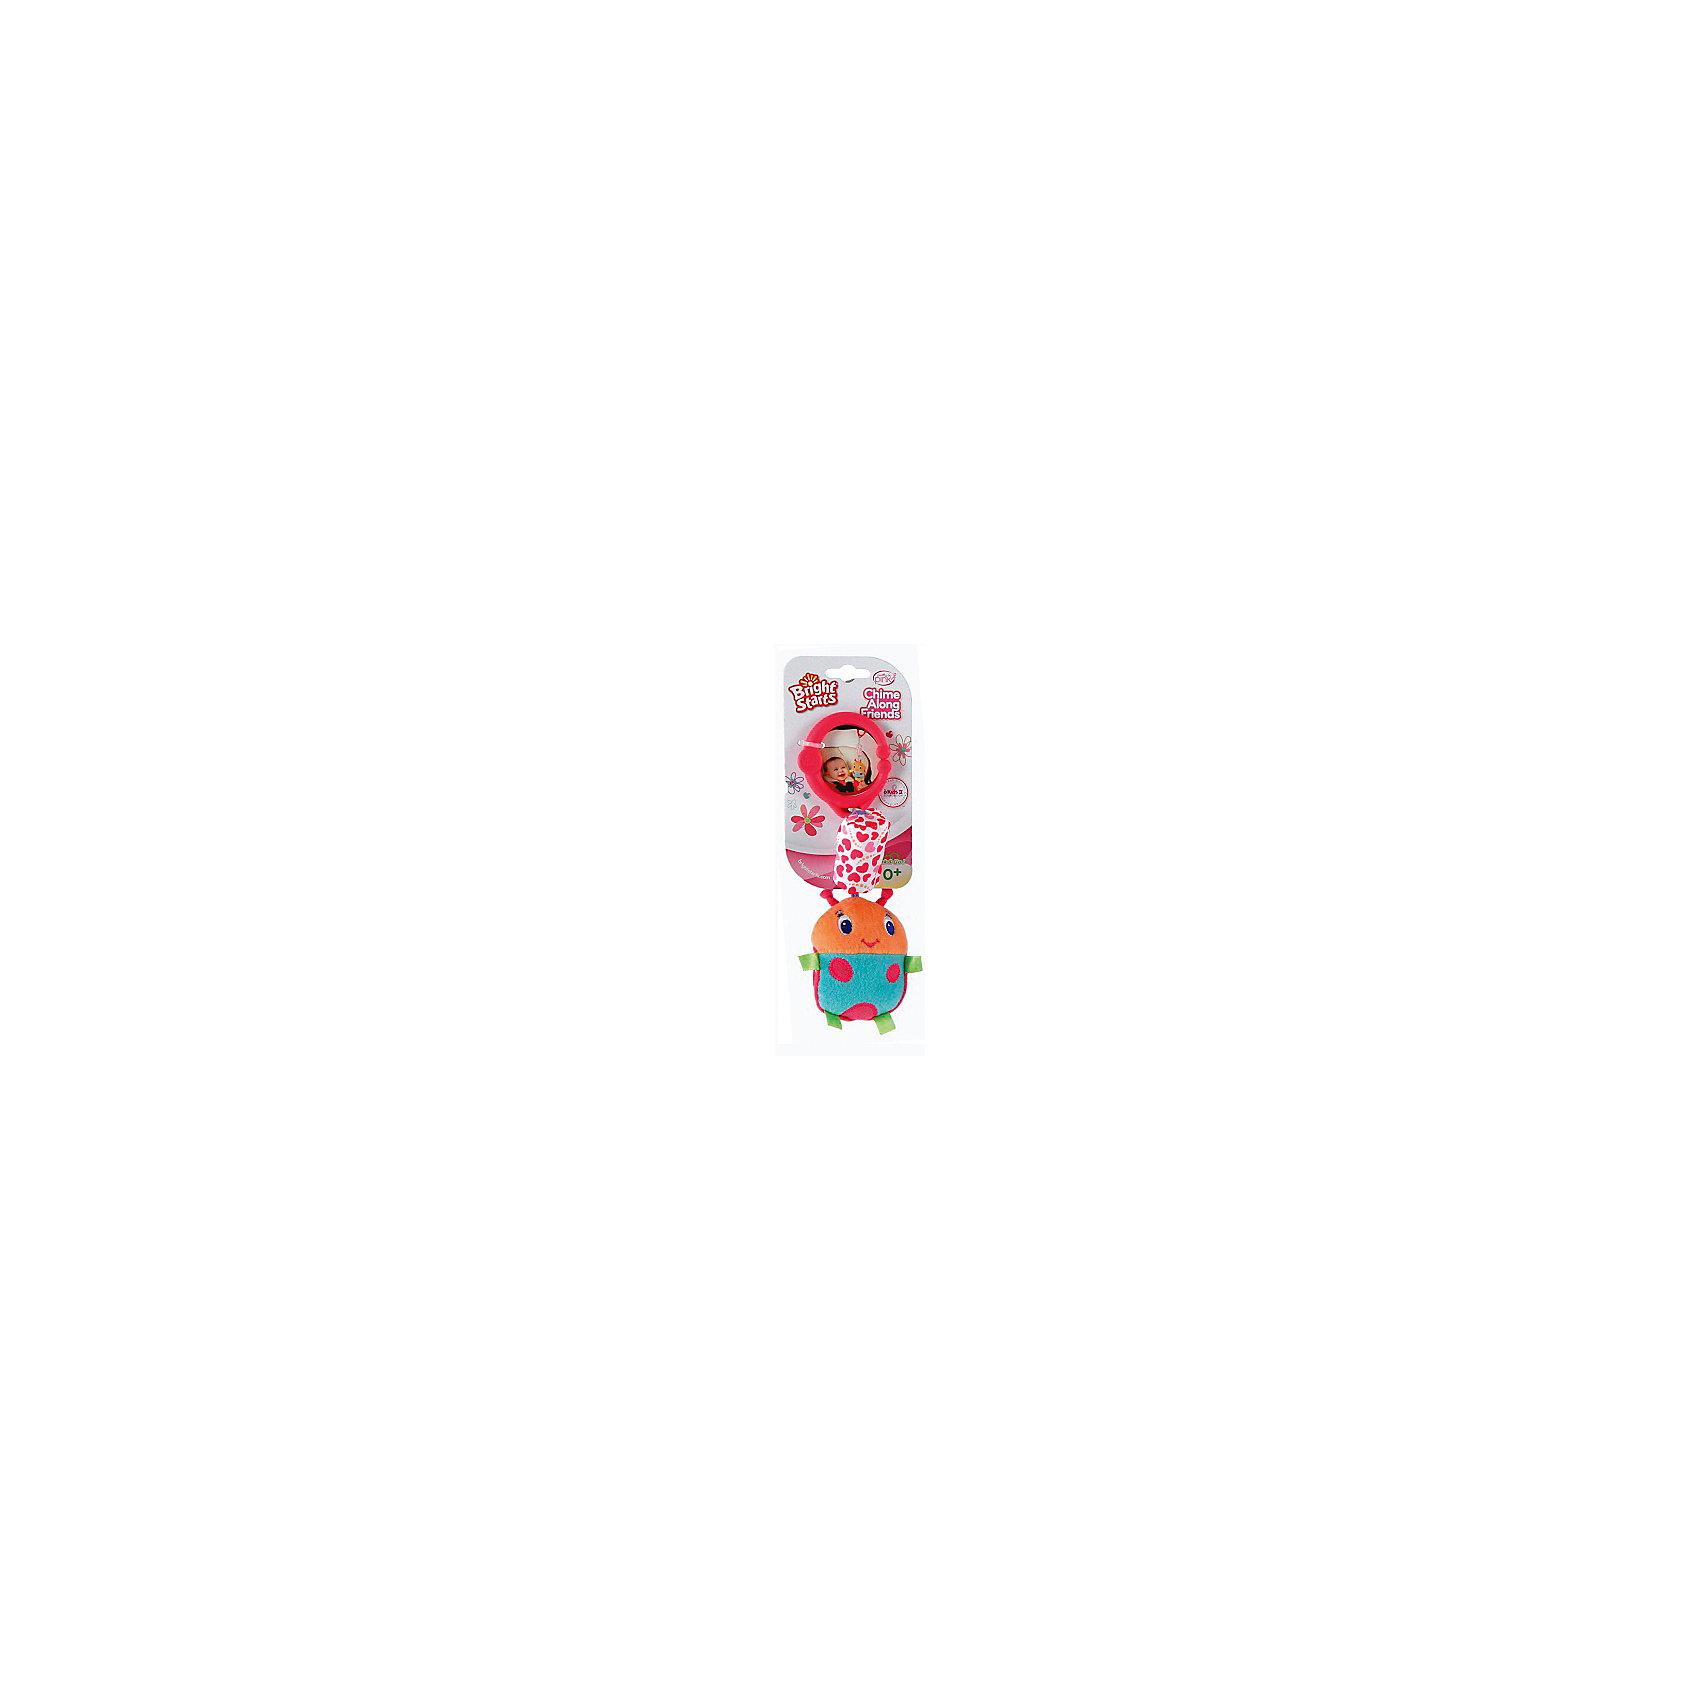 Развивающая игрушка Звонкий дружок, Божья коровка, Bright StartsРазвивающие игрушки<br>Развивающая игрушка Звонкий дружок, Божья коровка от знаменитого американского бренда Bright Starts (Брайт стартс). Яркая и веселая плюшевая игрушка в виде божьей коровки изготовлена из разного типа текстур и делает игру малыша еще интереснее! Подушечка над коровкой наполнена колокольчиками, и издает приятный звон, а если потянуть за саму божью коровку, то она будет вибрировать. Игрушка поможет развить звуковое, цветовое и тактильное восприятие ребенка. Кроме того, у нее имеется удобное крепление, что позволяет повесить ее на коляску, переноску или интерактивный коврик.<br>- Дополнительная информация:<br>- Материал: пластик, текстиль<br>- Размер 9 * 5 * 26 см.<br><br>Развивающую игрушку «Звонкий дружок, Божья коровка, Bright Starts можно купить в нашем интернет-магазине.<br><br>Подробнее:<br>• Для детей в возрасте: от 0 месяцев до 1 года<br>• Номер товара: 4918360<br>Страна производитель: Китай<br><br>Ширина мм: 150<br>Глубина мм: 260<br>Высота мм: 90<br>Вес г: 87<br>Возраст от месяцев: 0<br>Возраст до месяцев: 12<br>Пол: Унисекс<br>Возраст: Детский<br>SKU: 4918360